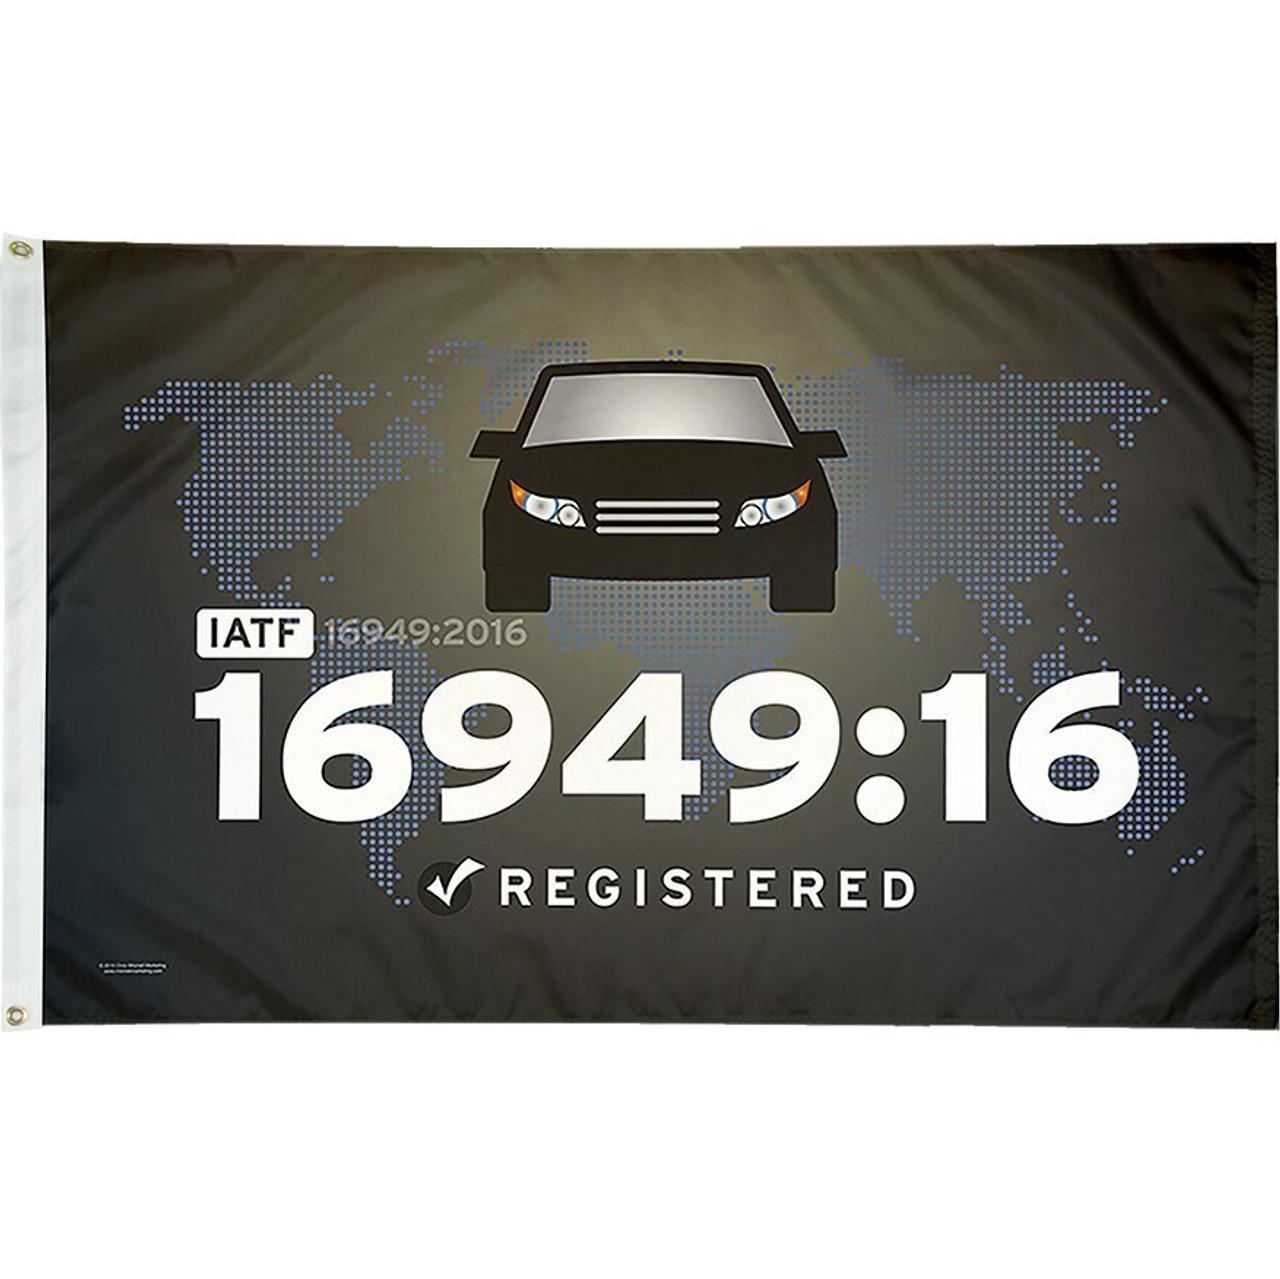 IATF 1694916 Flag